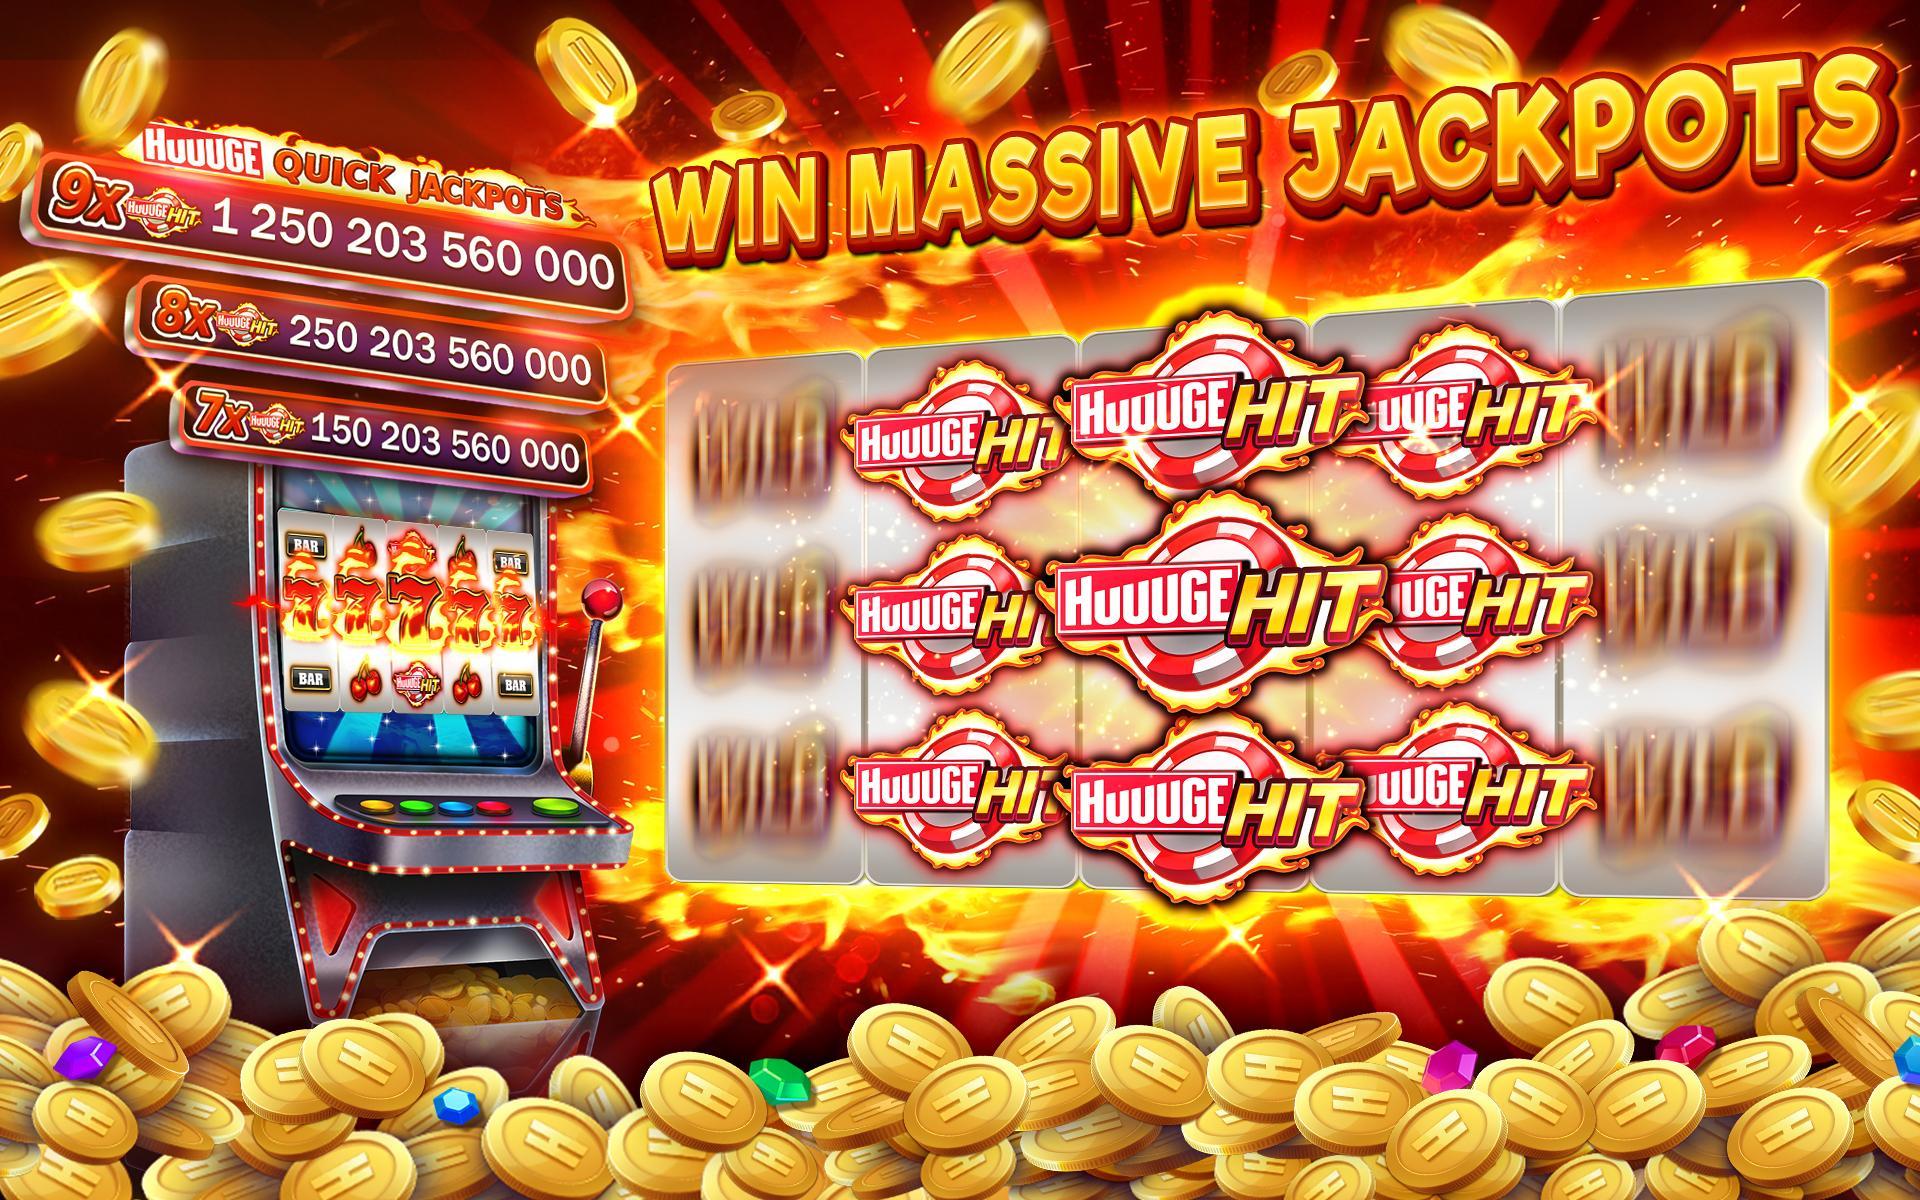 Huuuge Casino Slots - Best Slot Machines 6.1.2700 Screenshot 16